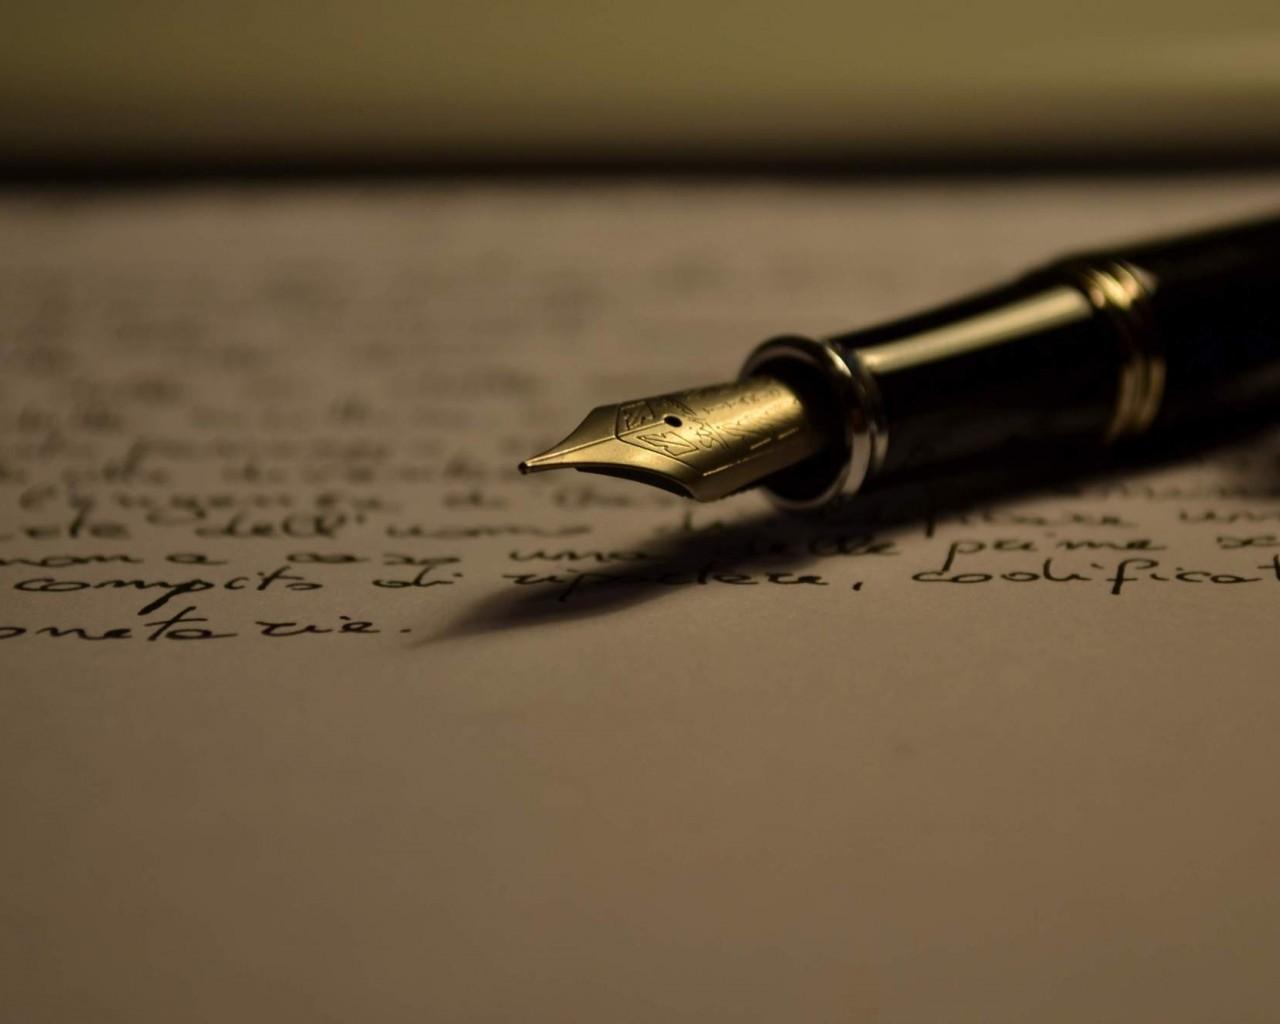 Scrivi la tua esperienza